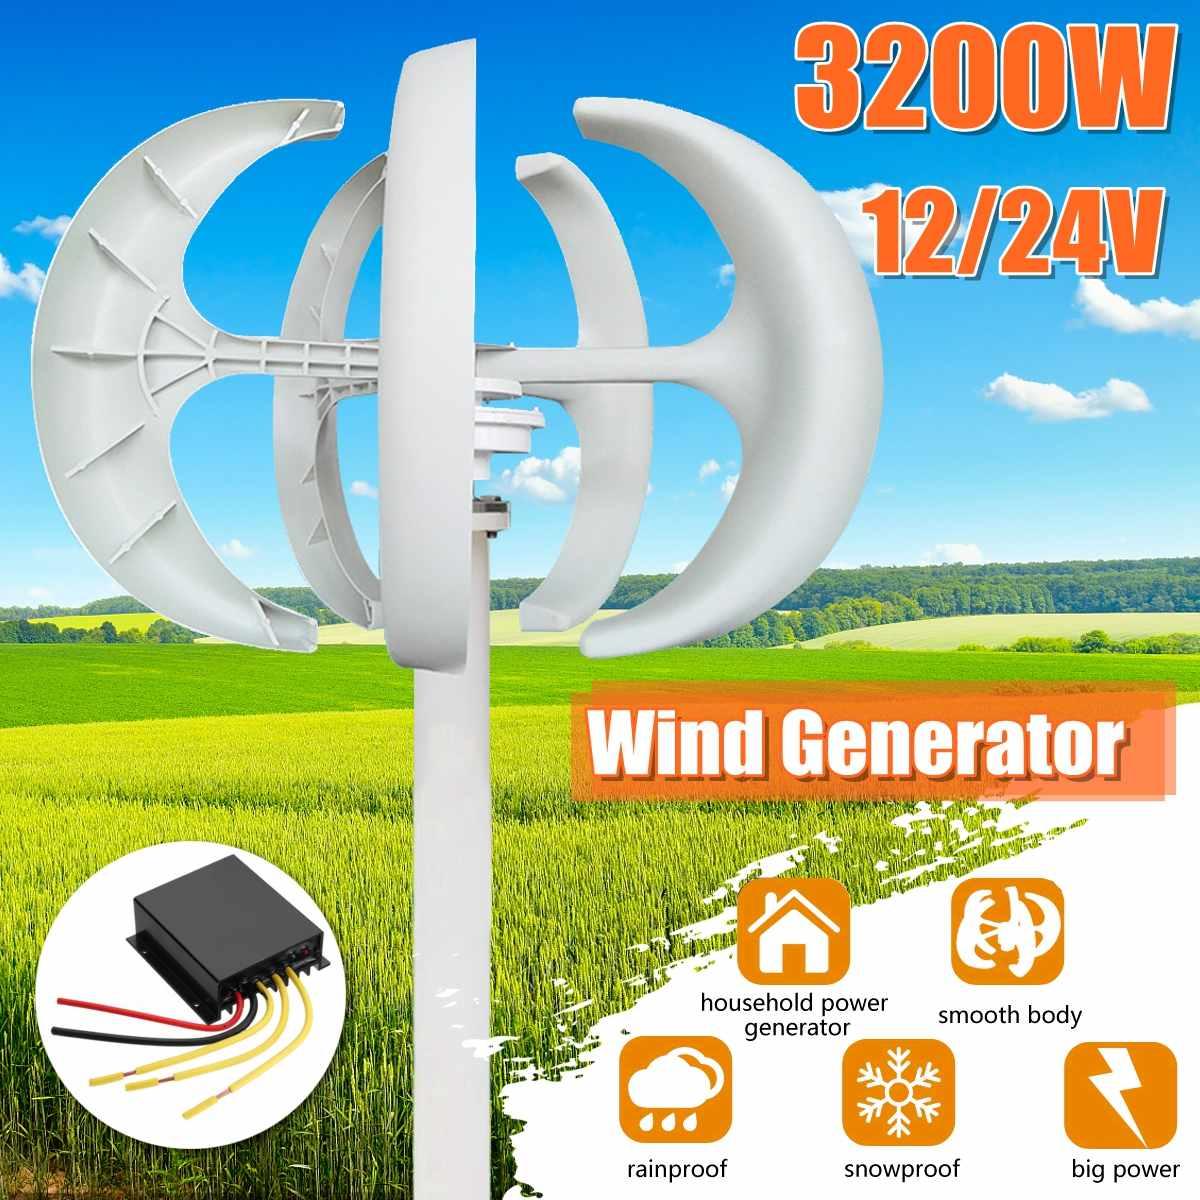 3200W AC12/24 V Фонари 5 лезвий генератор для ветряных турбин бытовой Мощность генератор W/контроллер для уличный на солнечной энергии, лодка, морской